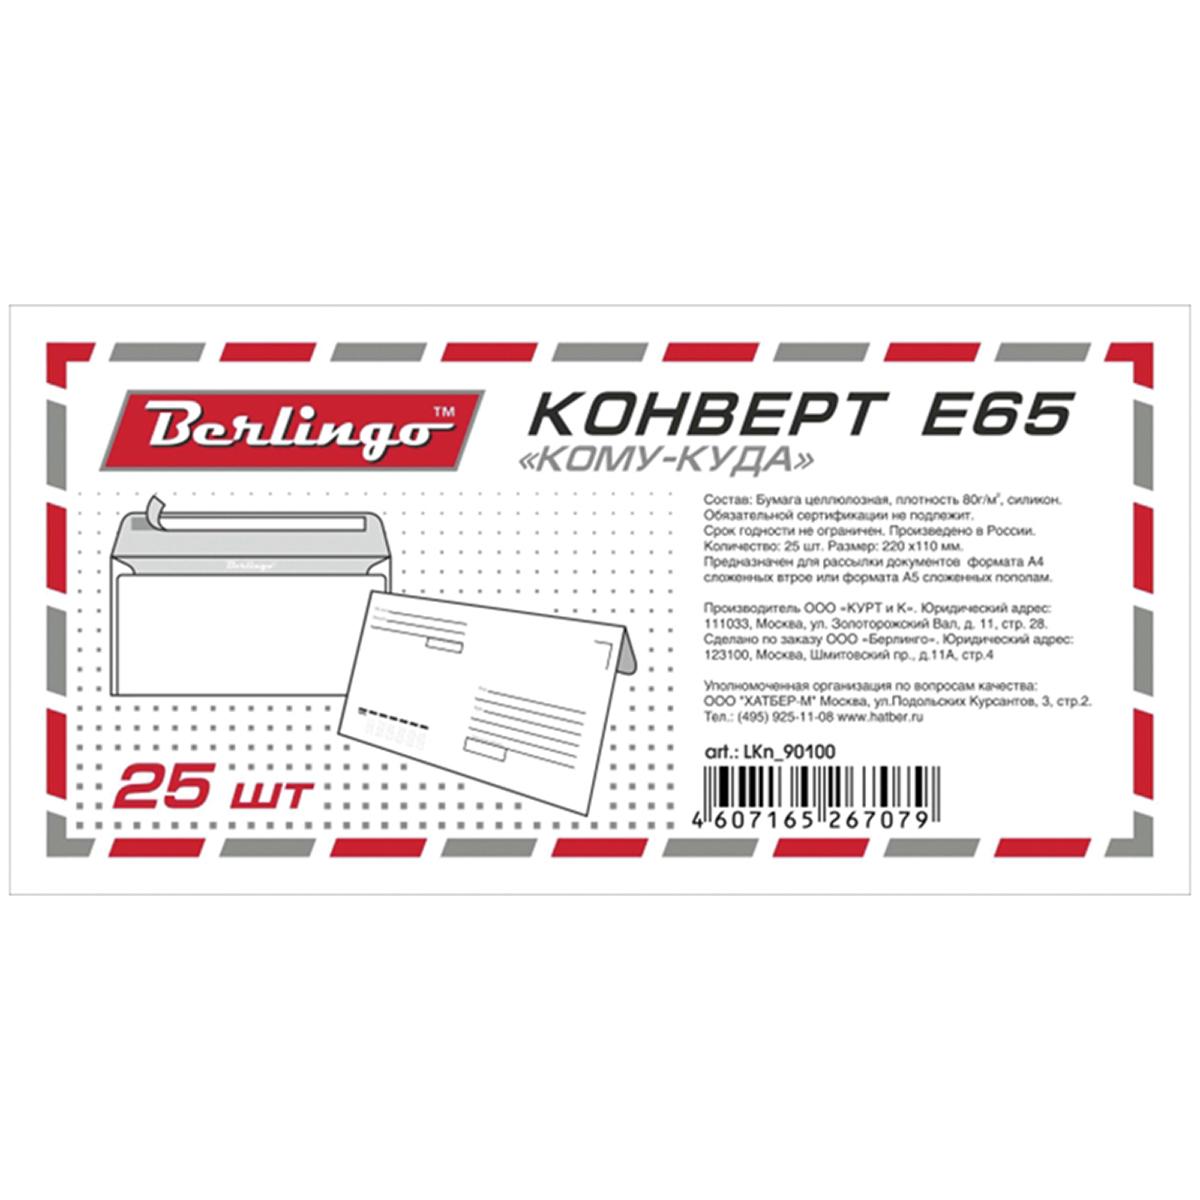 Конверт E65 с подсказом 25 шт, Berlingo